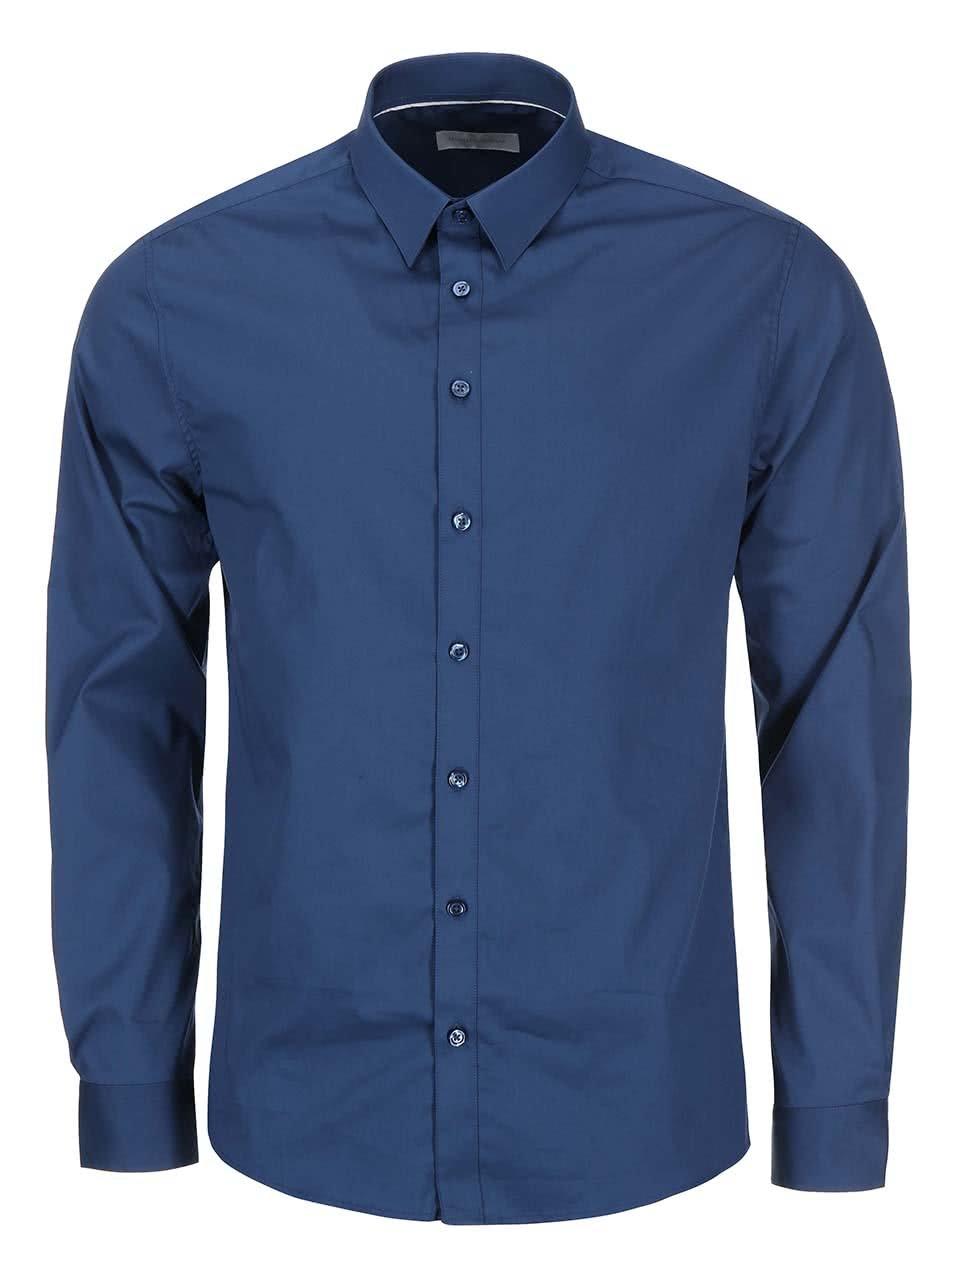 Modrá košile Tailored & Originals Paris